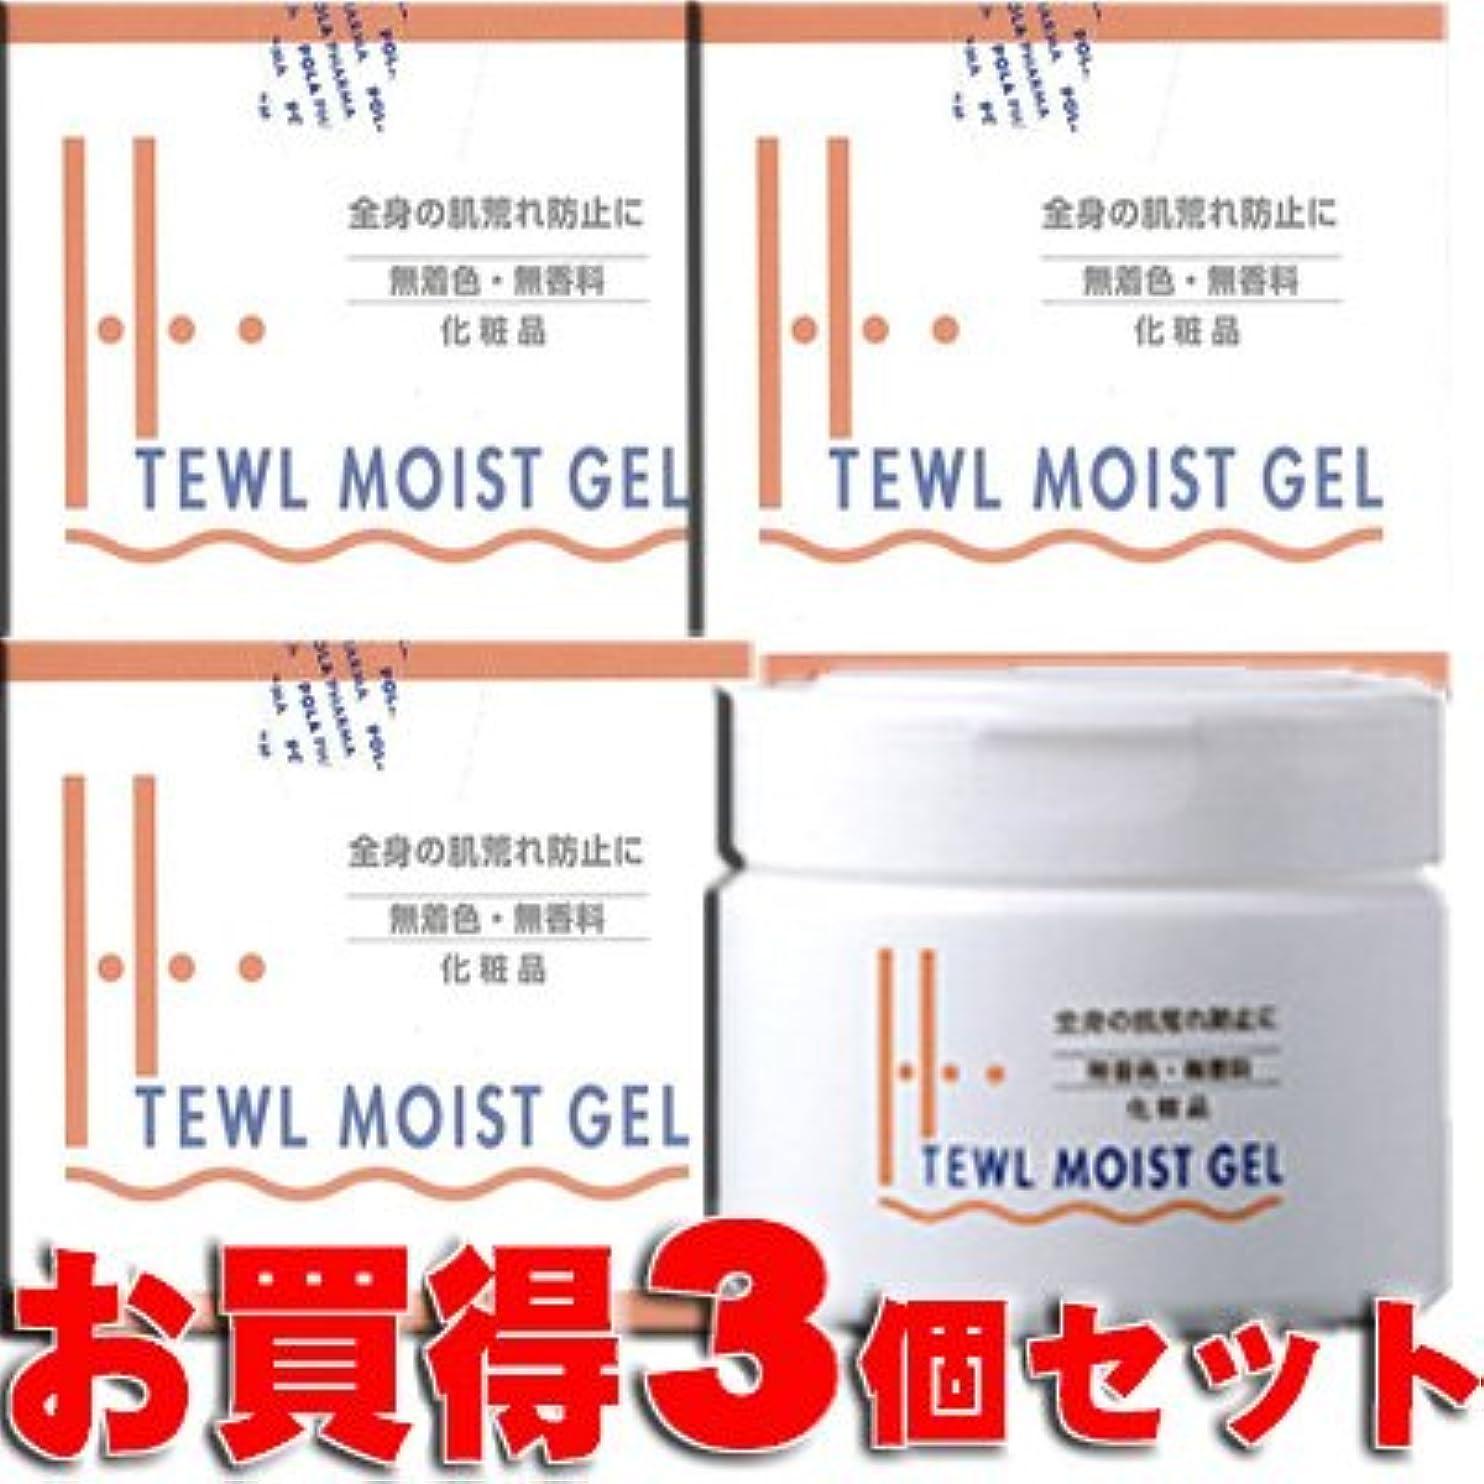 空いている錫フィッティング★お買得3個★ ハイテウル モイストジェル 300gx3個 (ポーラファルマ)エタノールや界面活性剤に敏感な方へおすすめするゲルクリームです。